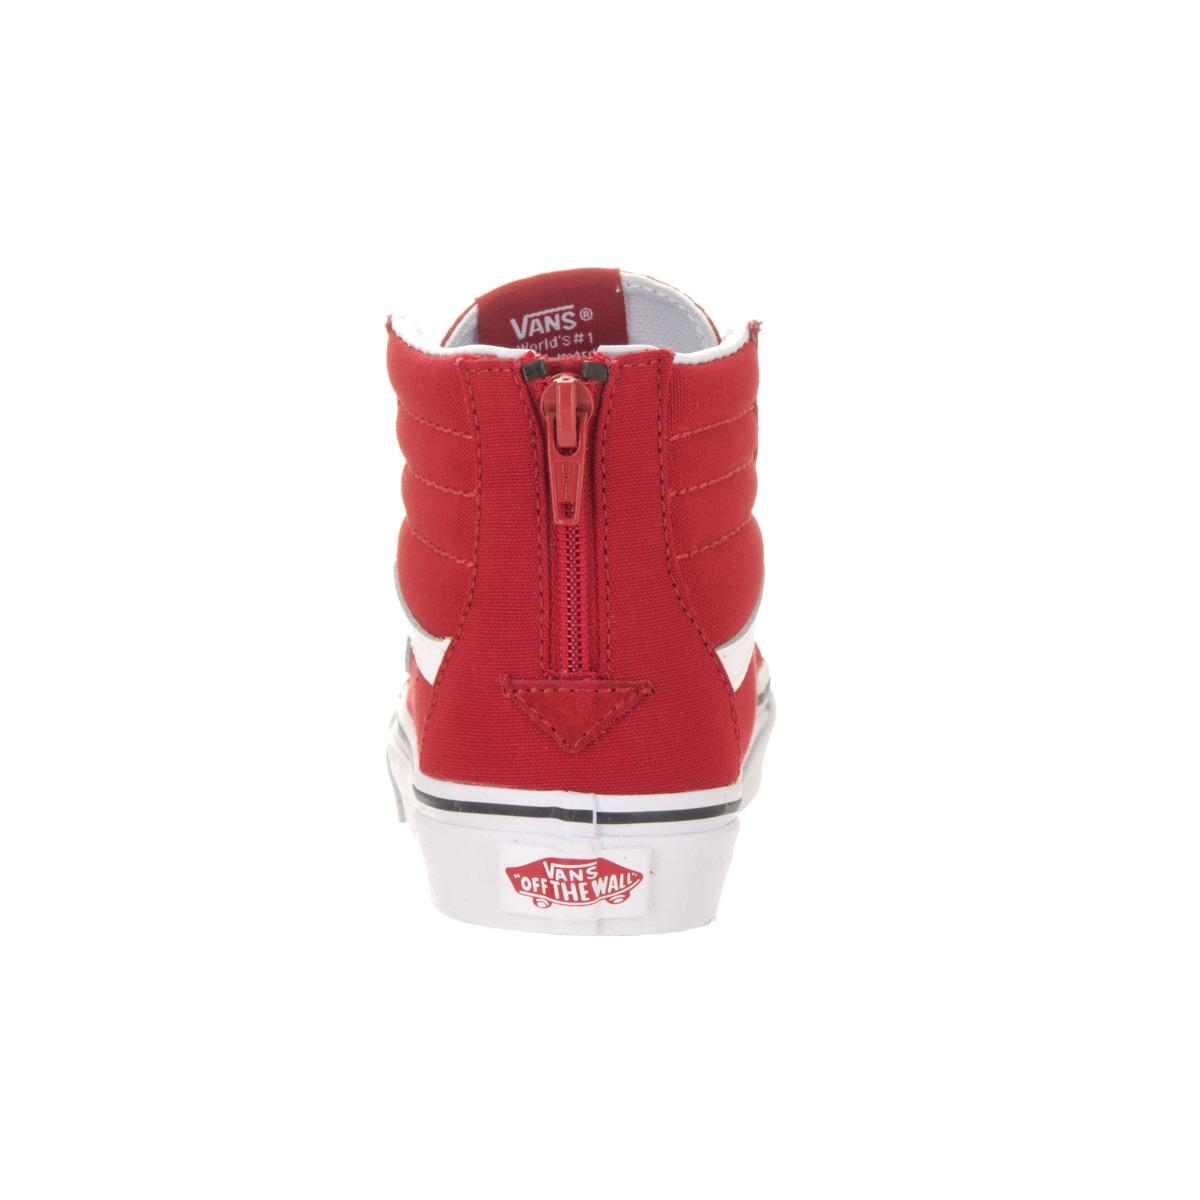 25e2831163 Shop Vans Kids  Sk8-Hi Zip Varsity Racing Red True Skate Shoe - Free  Shipping Today - Overstock - 13344504